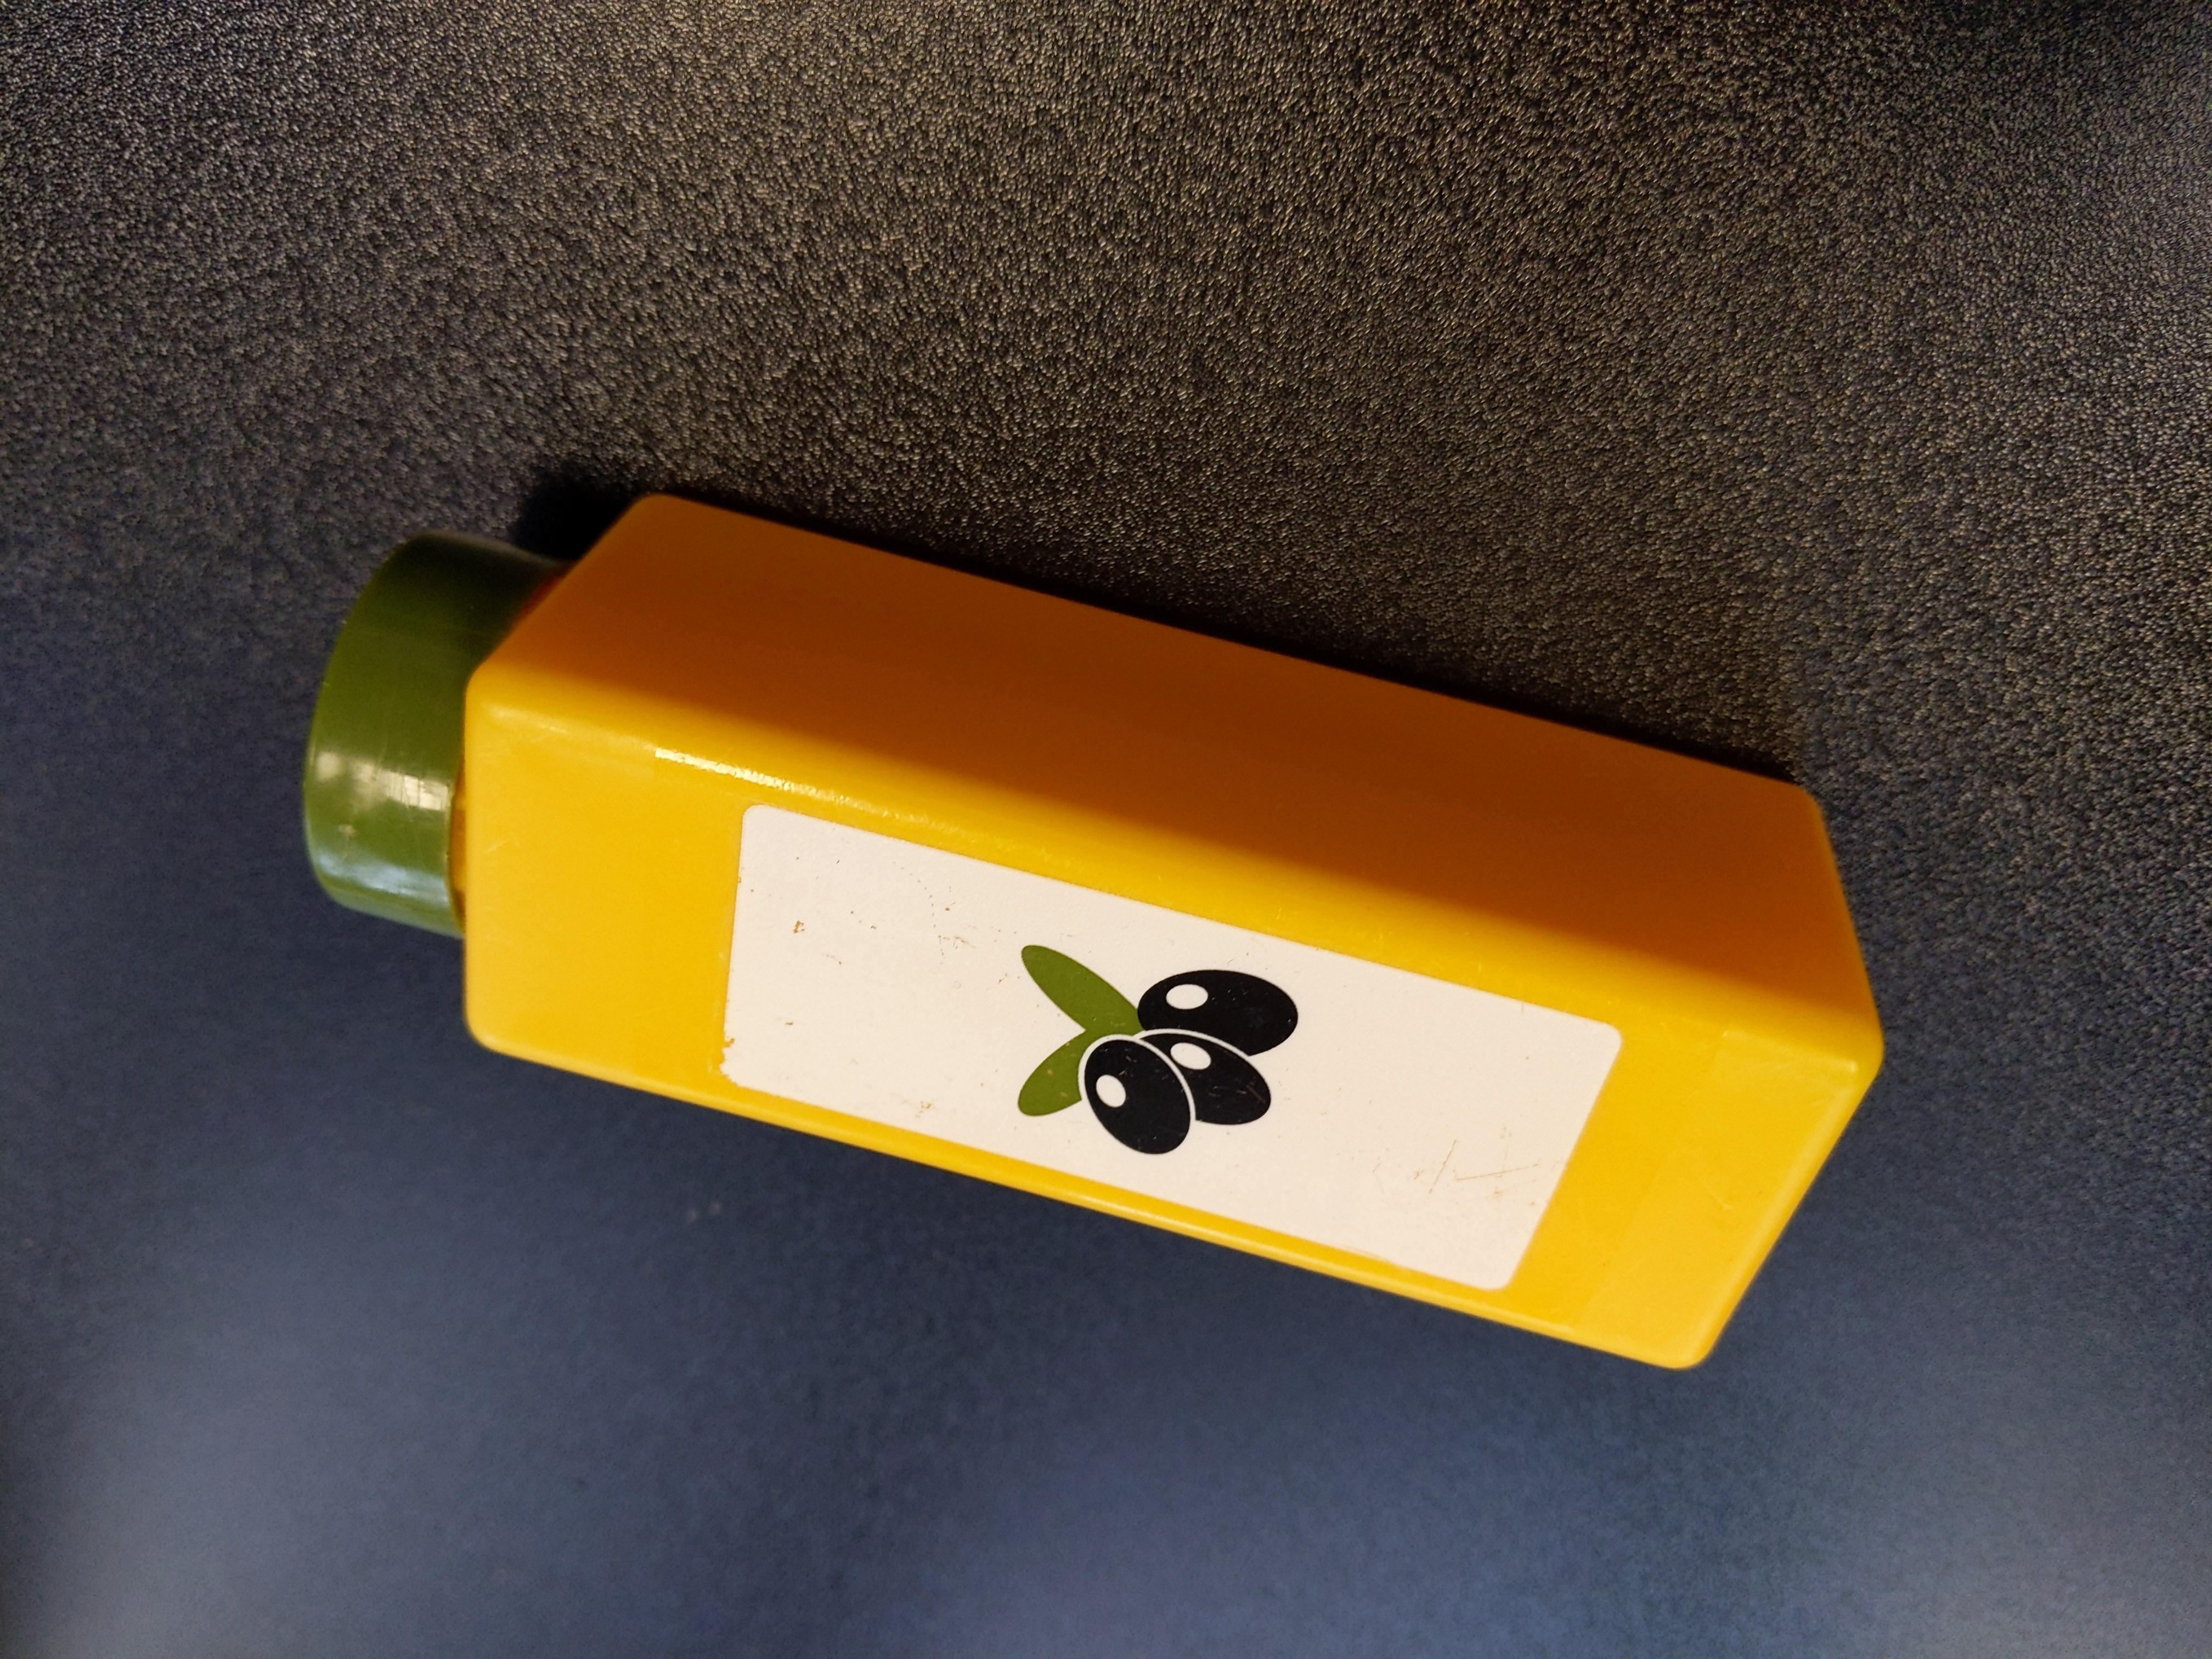 Ölivenöl für die Spielzeugküche tauschen